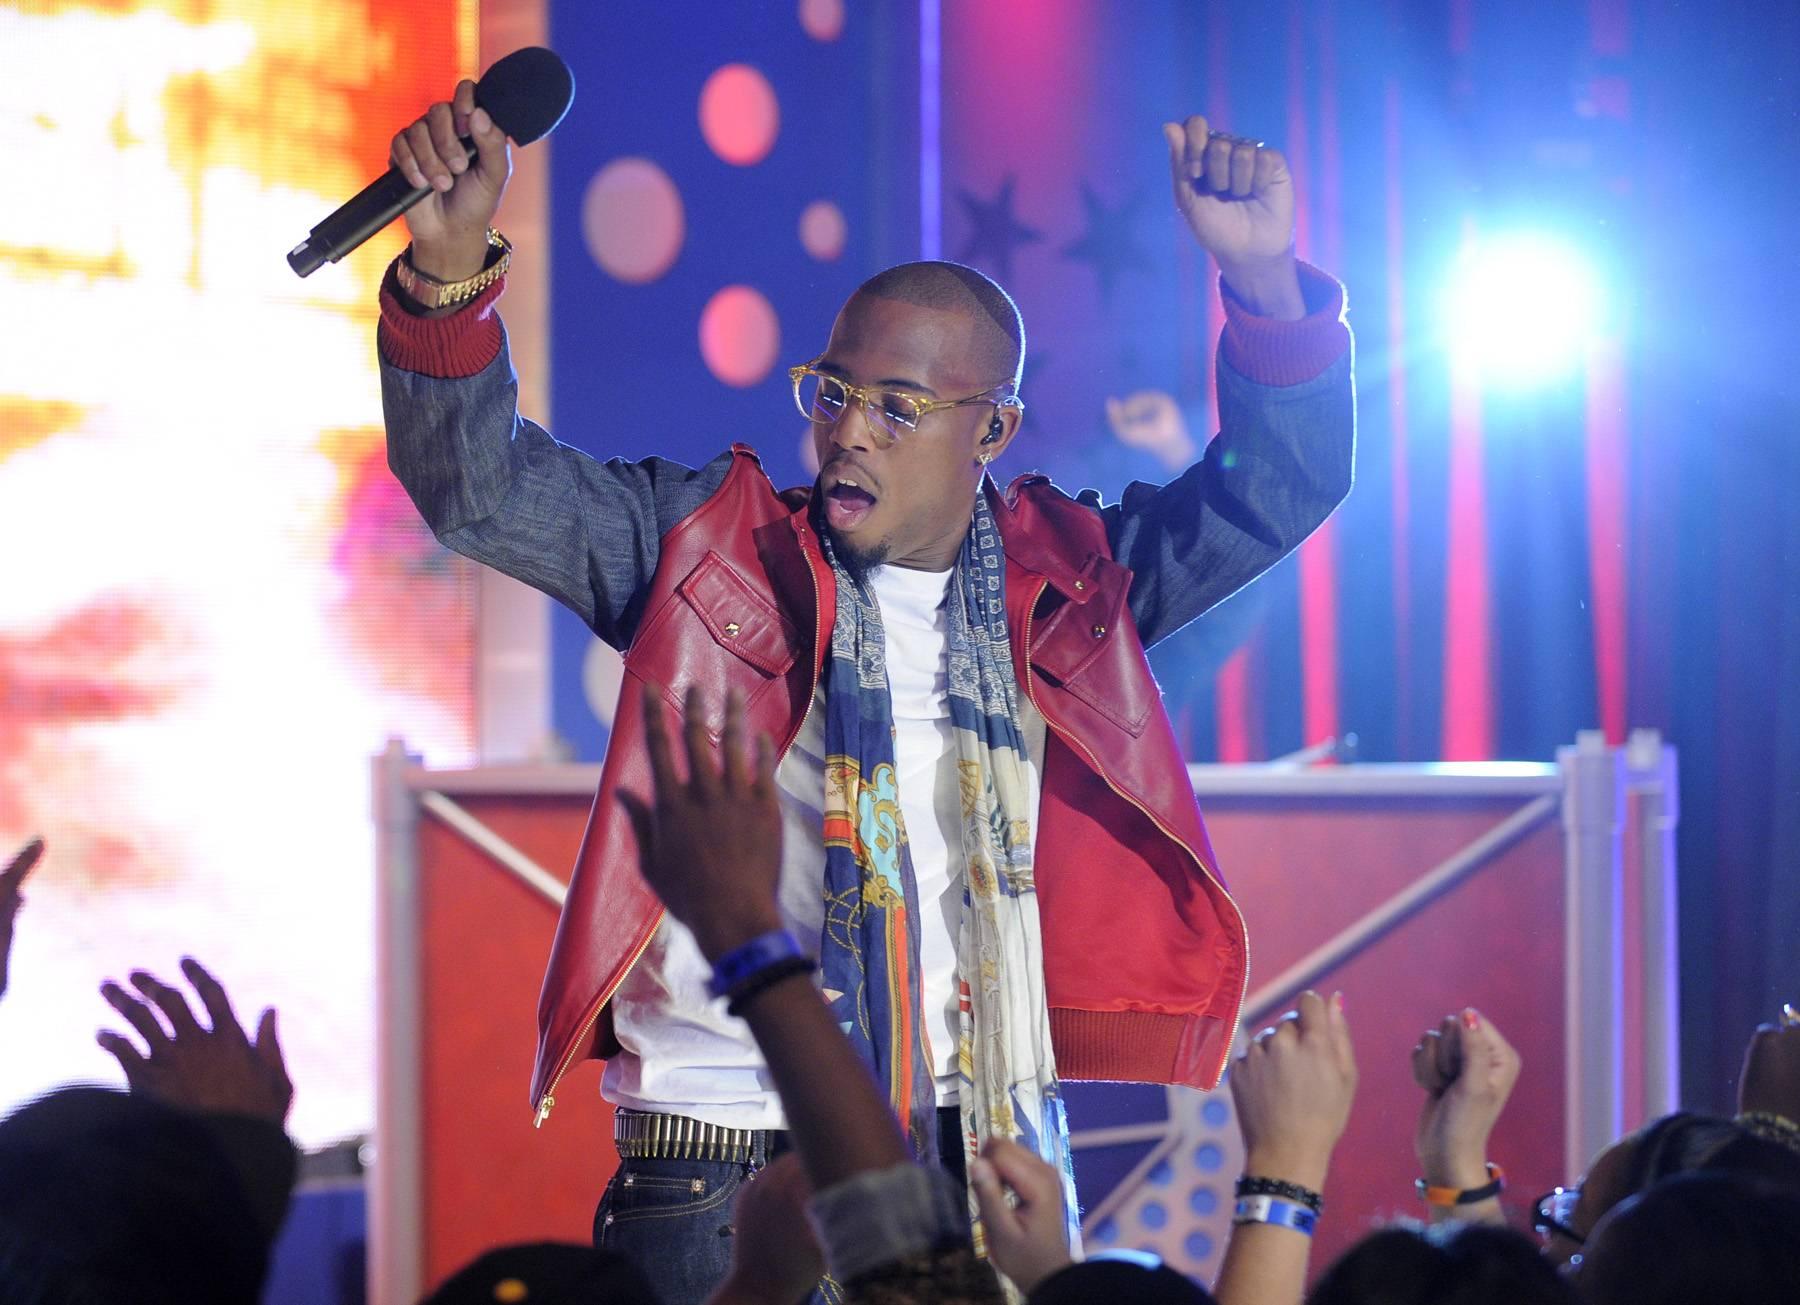 Stage Presence - B.o.B performs at 106 & Park, May 1, 2012. (Photo: John Ricard / BET)